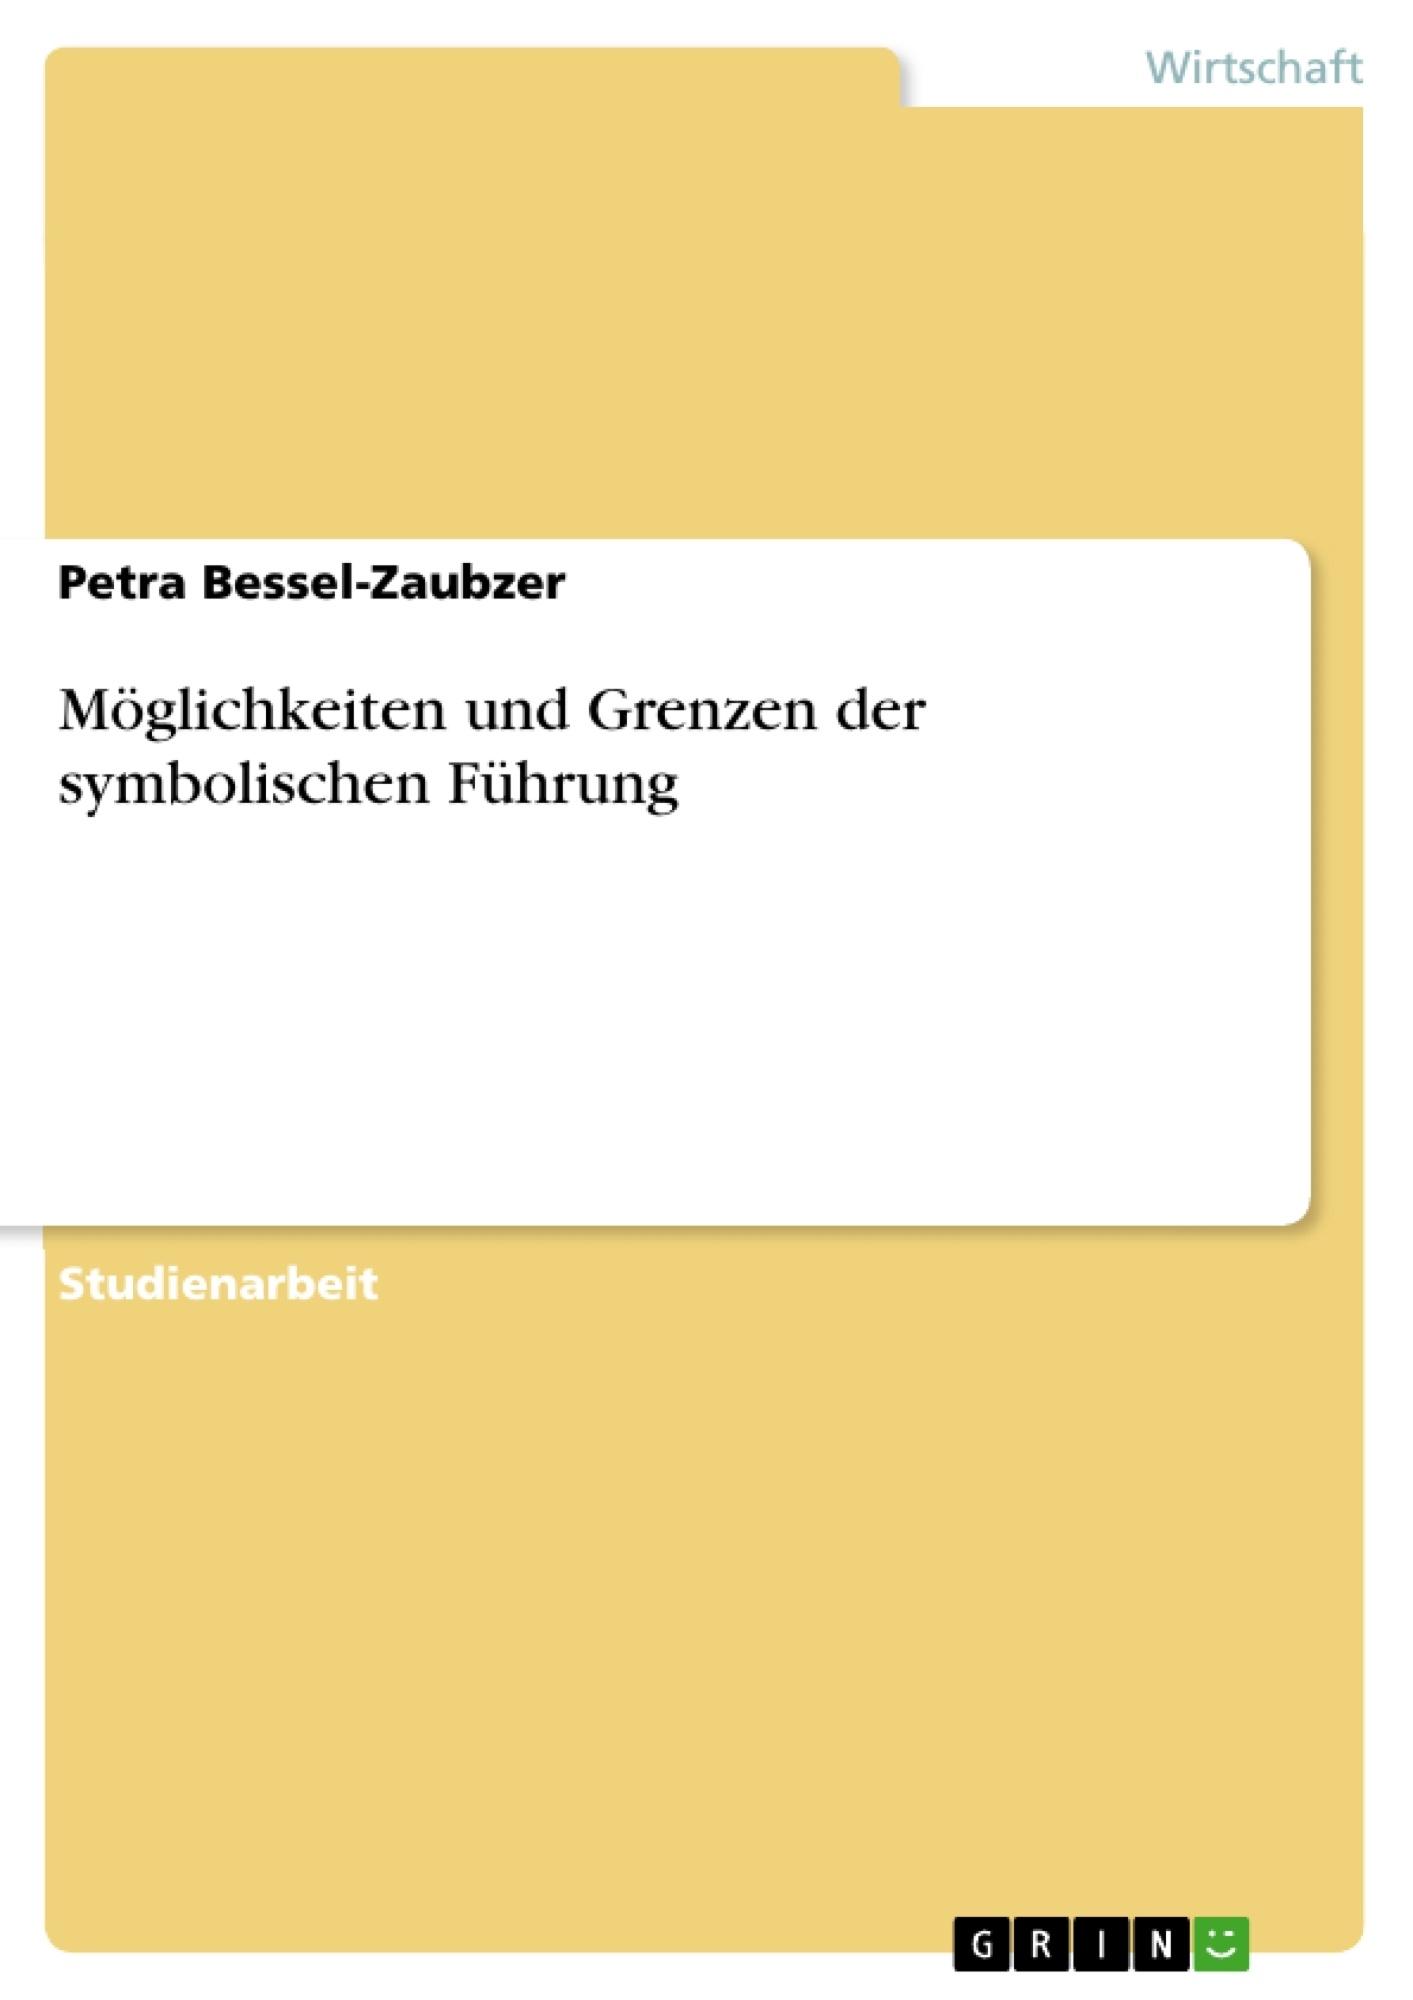 Titel: Möglichkeiten und Grenzen der symbolischen Führung